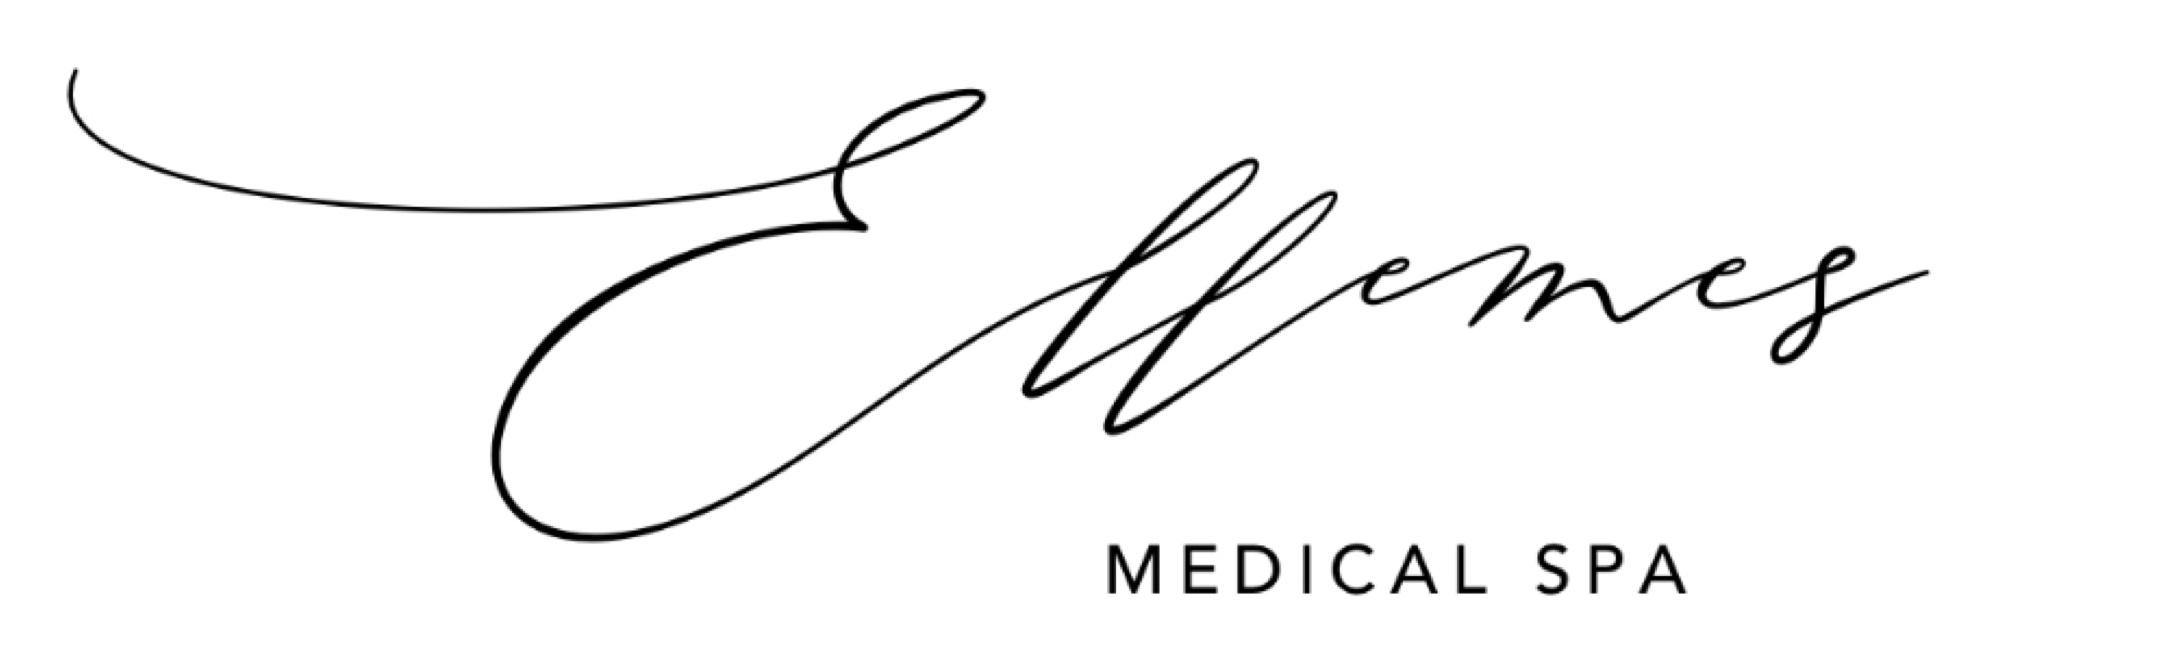 Ellemes Medical Spa